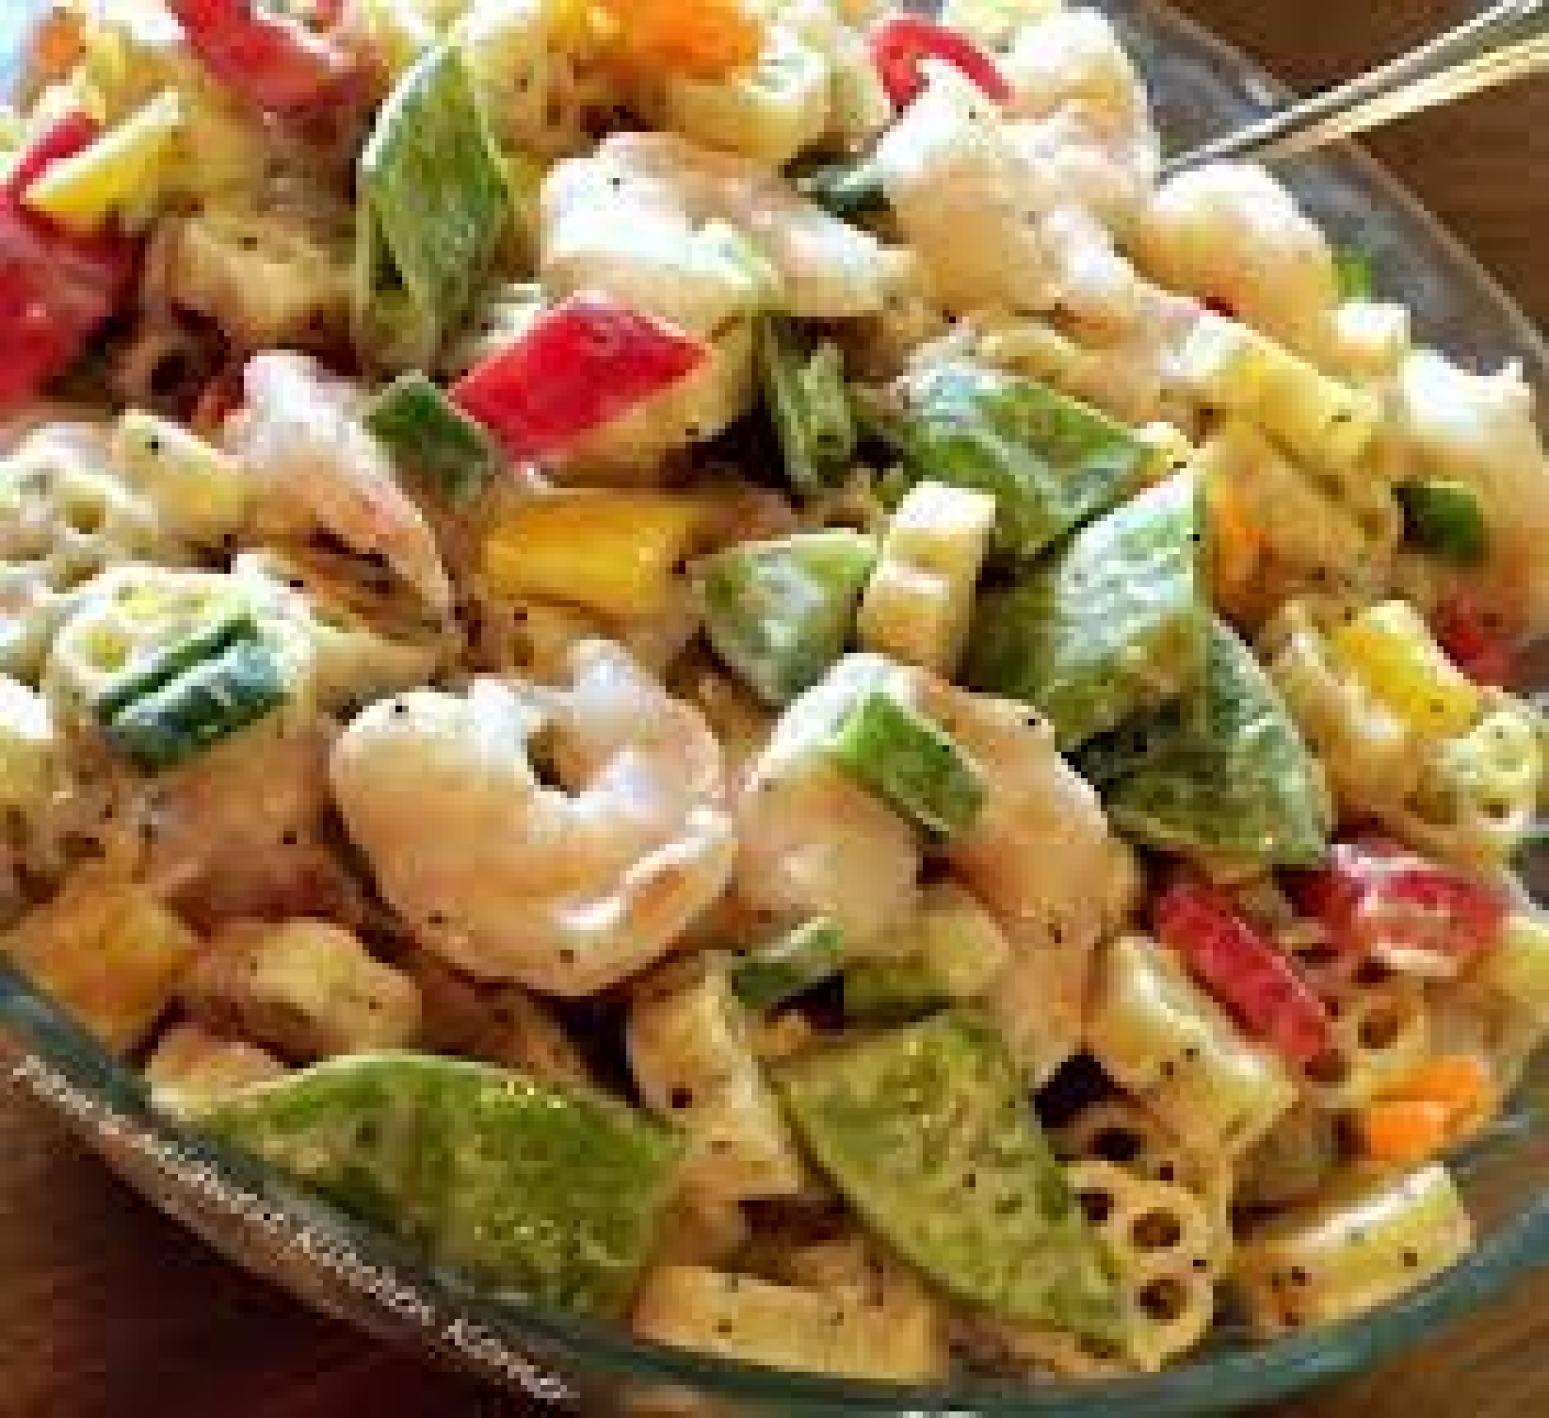 Calico Cauliflower Pasta Salad Recipe